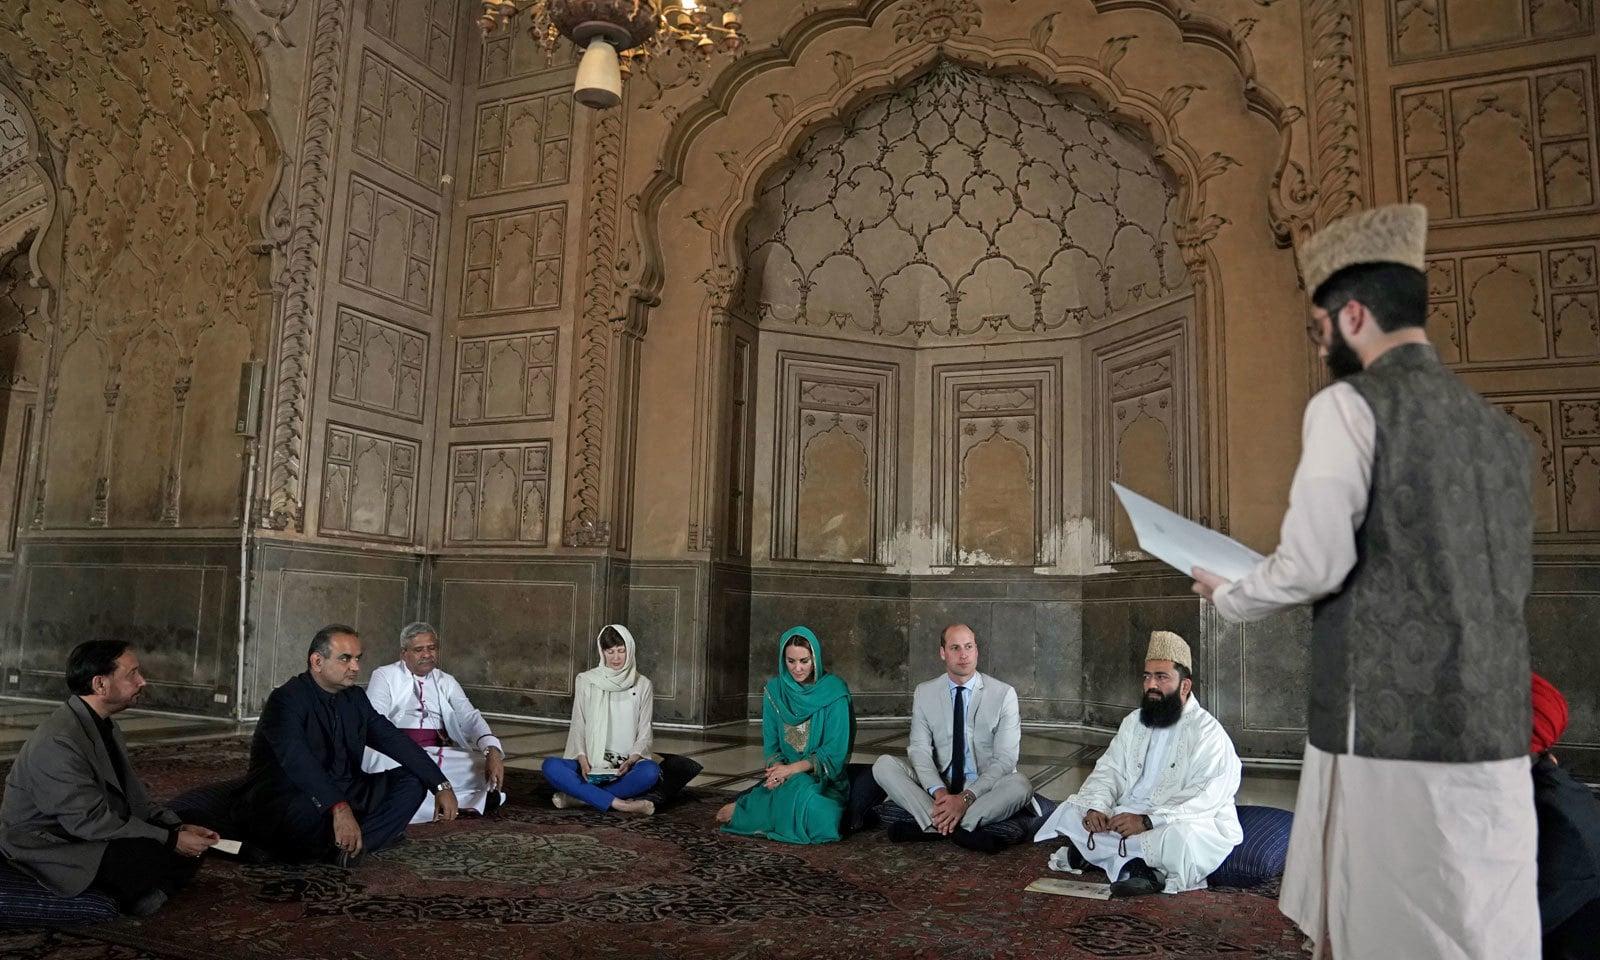 شہزادہ ولیم اور ان کی اہلیہ کیٹ مڈلٹن بادشاہی مسجد کے اندر بیٹھے ہوئے ہیں— فوٹو: رائٹرز